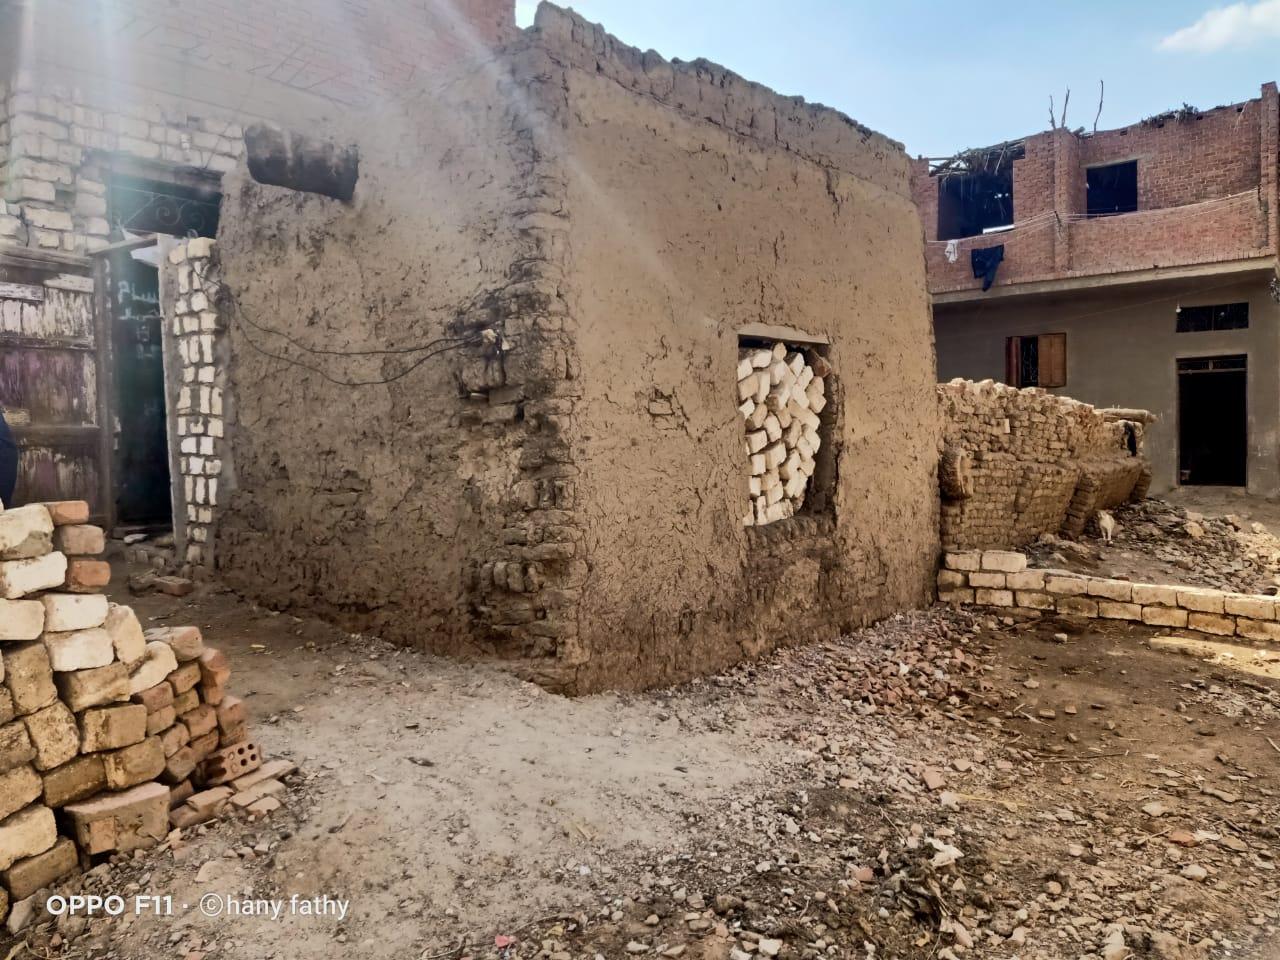 218852--قرية-نزلة-الزاوية--عمار--التابعة-لمركز-ببا-بمحافظة-بنى-سويف-(1)